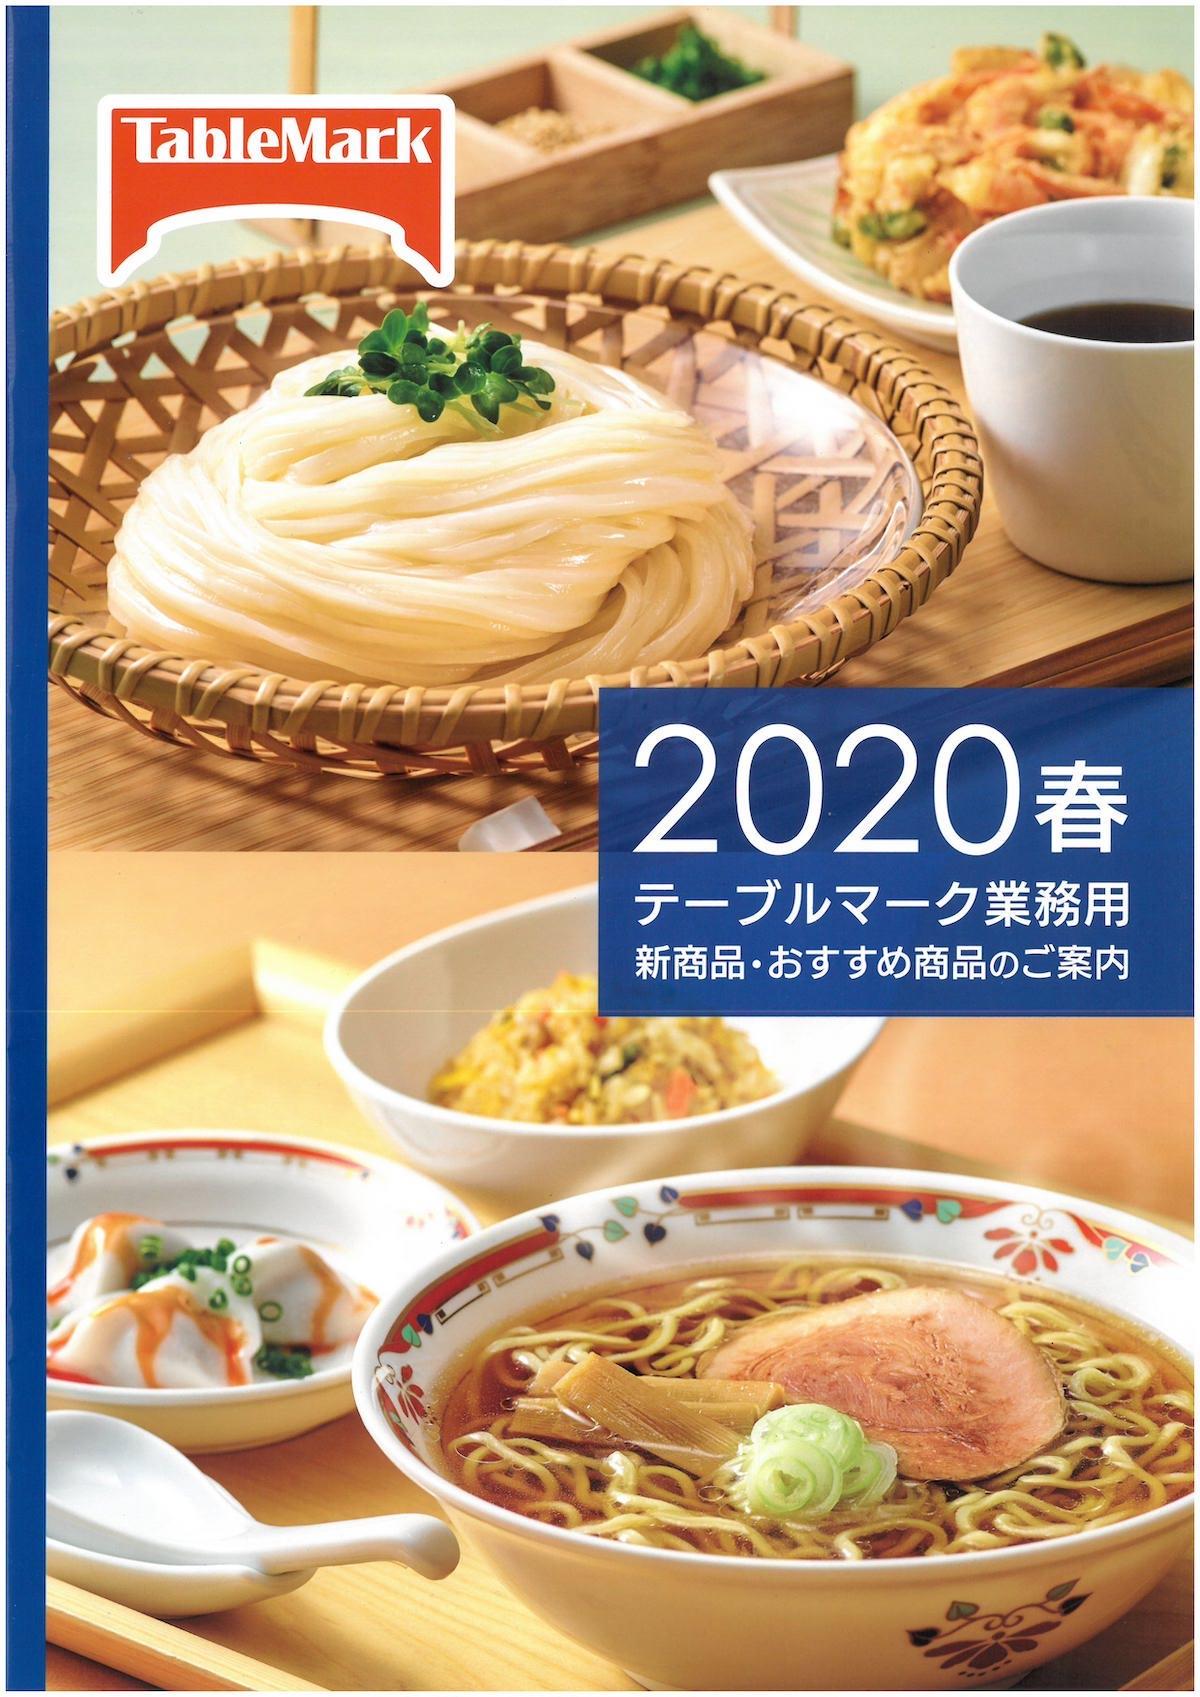 テーブルマーク業務用 新商品 おすすめ商品のご案内 2020春